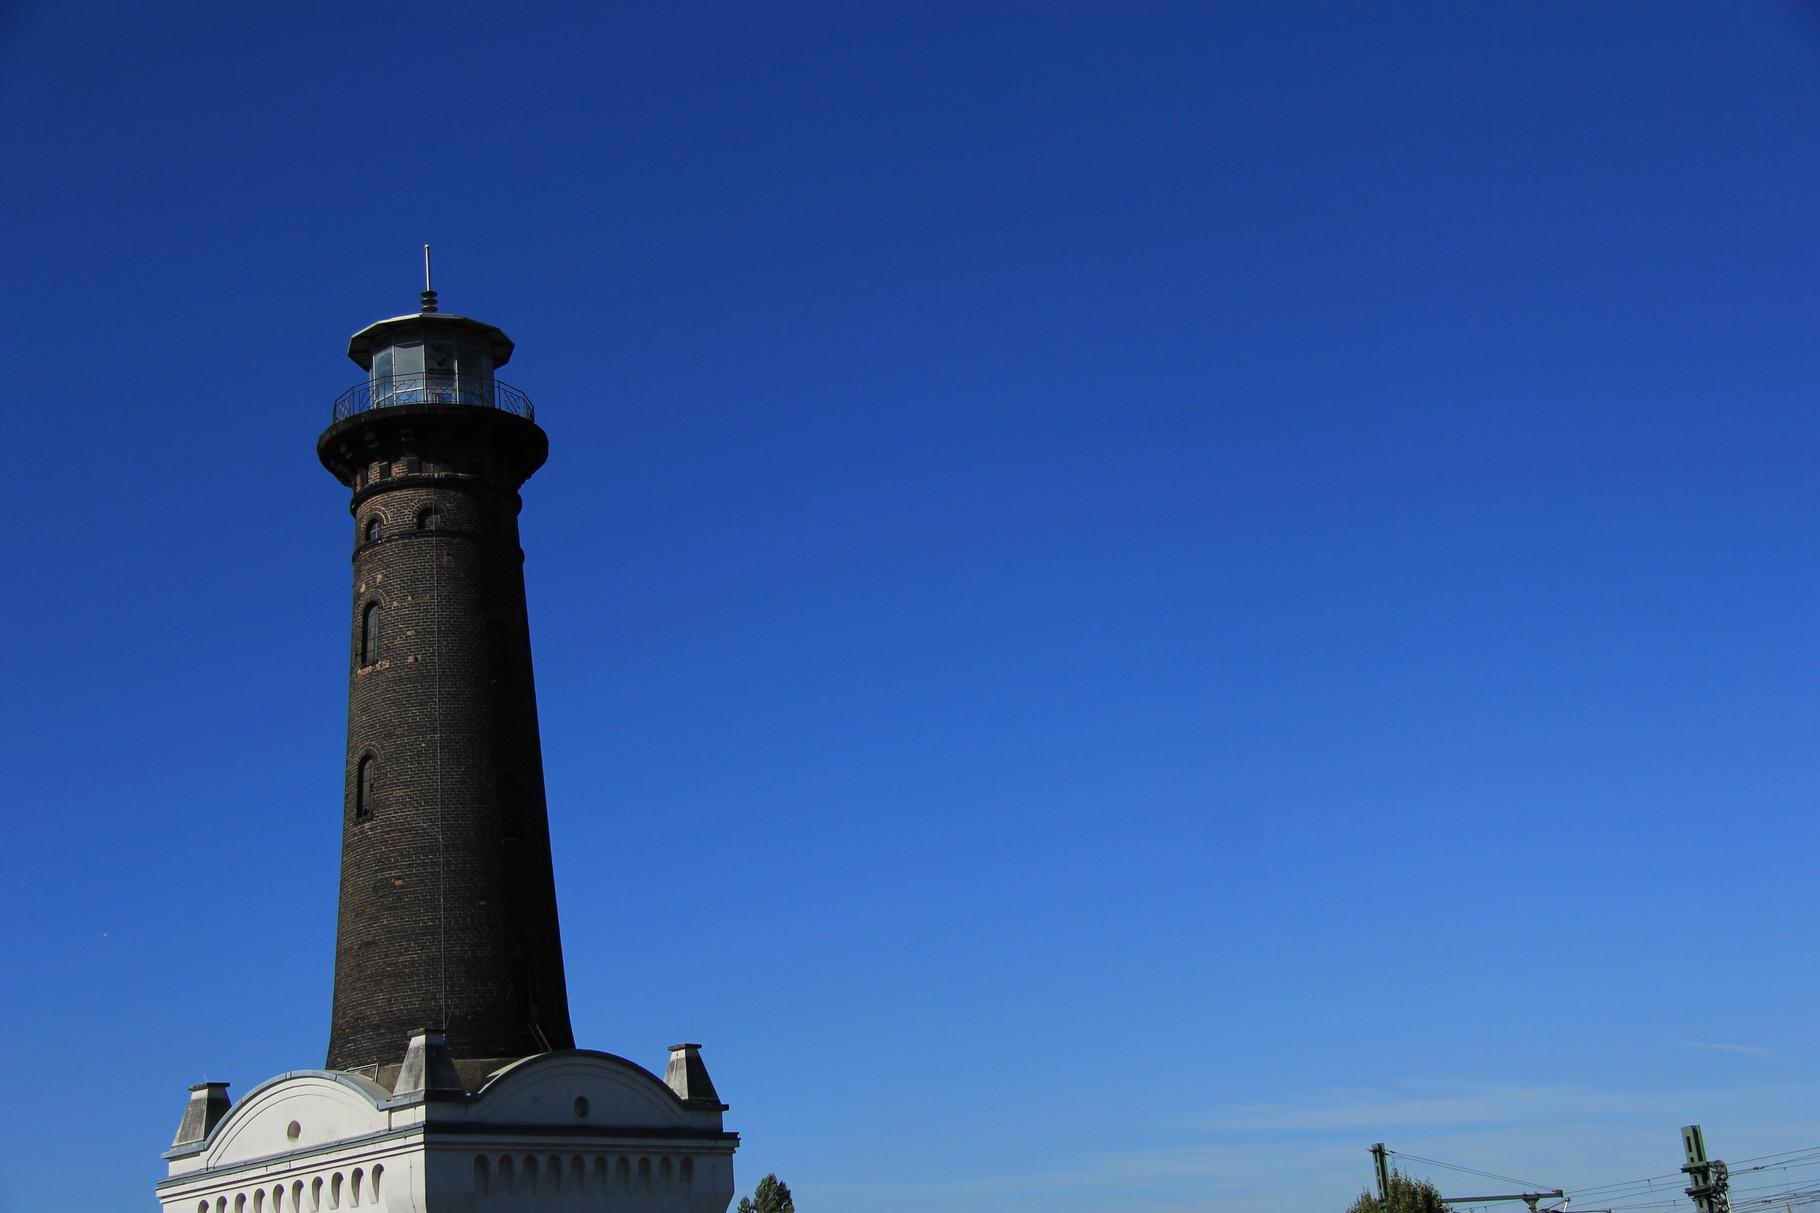 Auch der Helios-Leuchtturm, die Ikone dieses Viertels, begegnet uns bei der Tour durch Ehrenfeld.